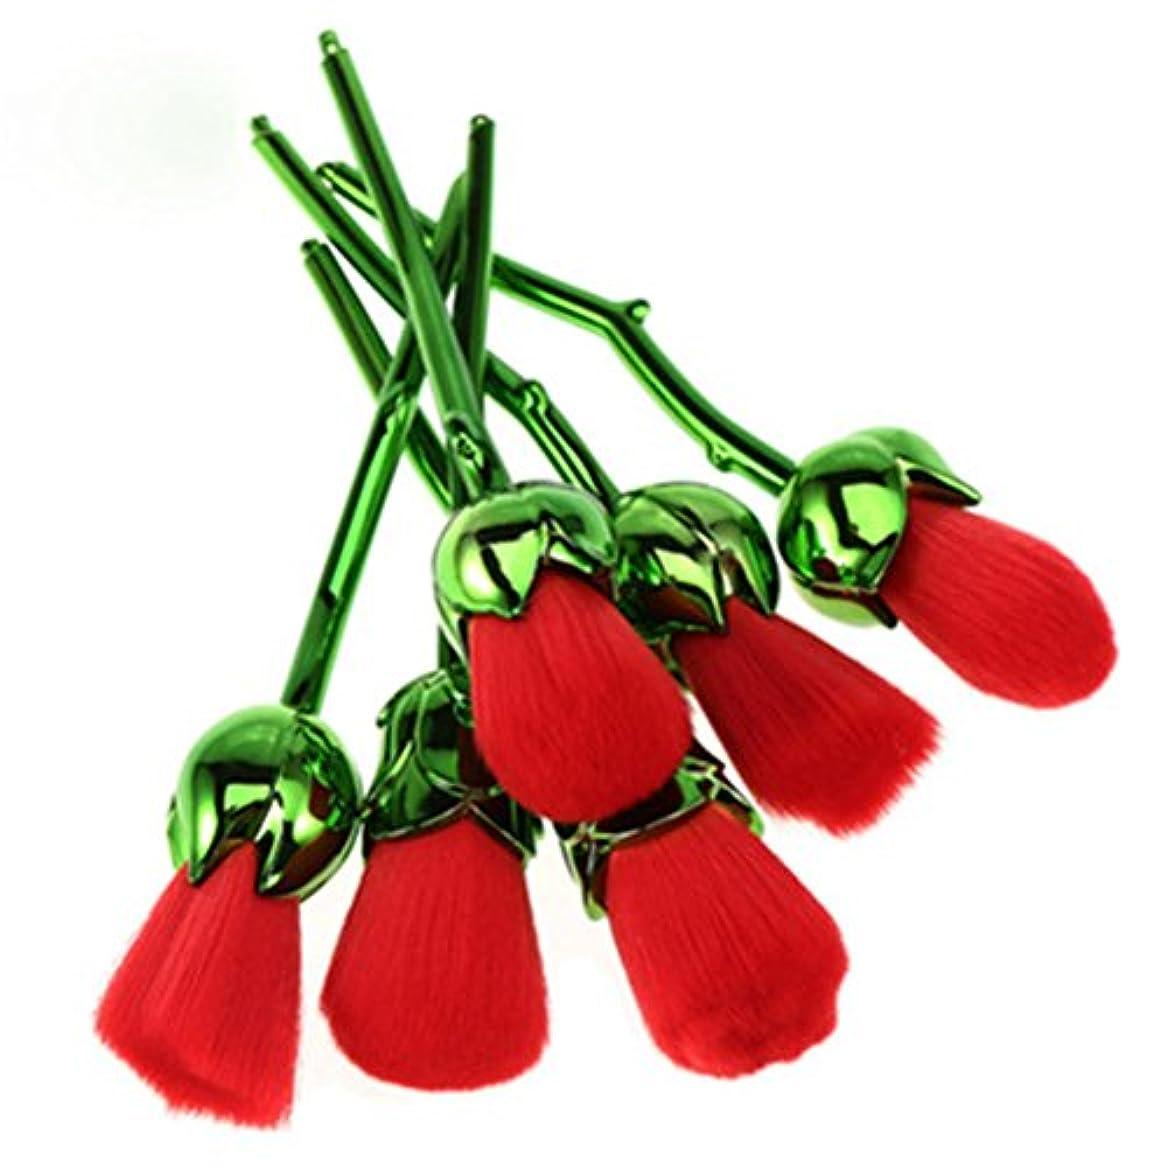 富比喩色ディラビューティー(Dilla Beauty) メイクブラシ 薔薇 メイクブラシセット 人気 ファンデーションブラシ 化粧筆 可愛い 化粧ブラシ セット パウダーブラシ フェイスブラシ ローズ メイクブラシ 6本セット ケース付き (グリーン - レッド)